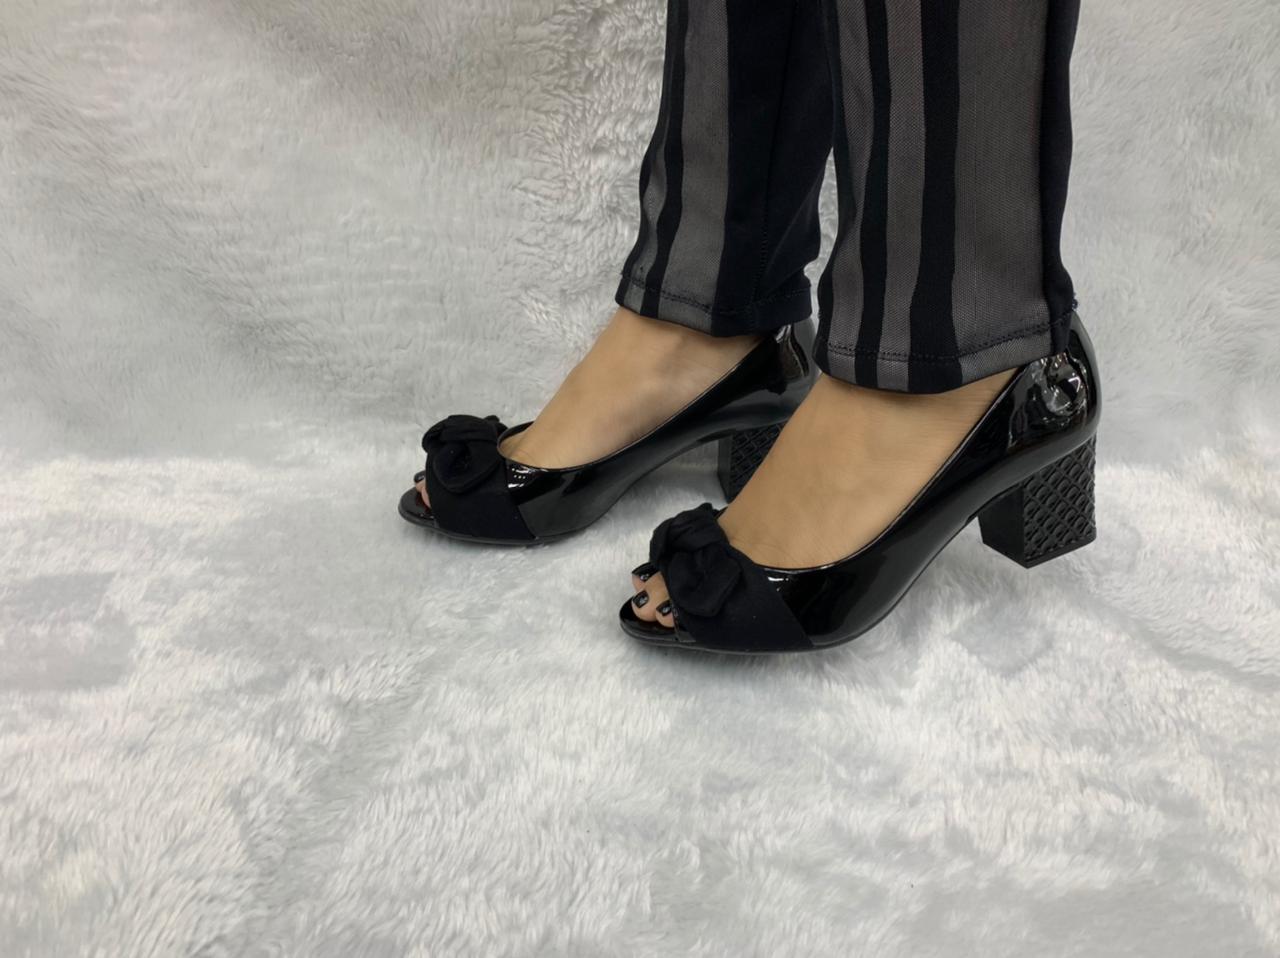 Sapato Moleca Peep Toe Laço Salto Grosso 5708.101 Feminino